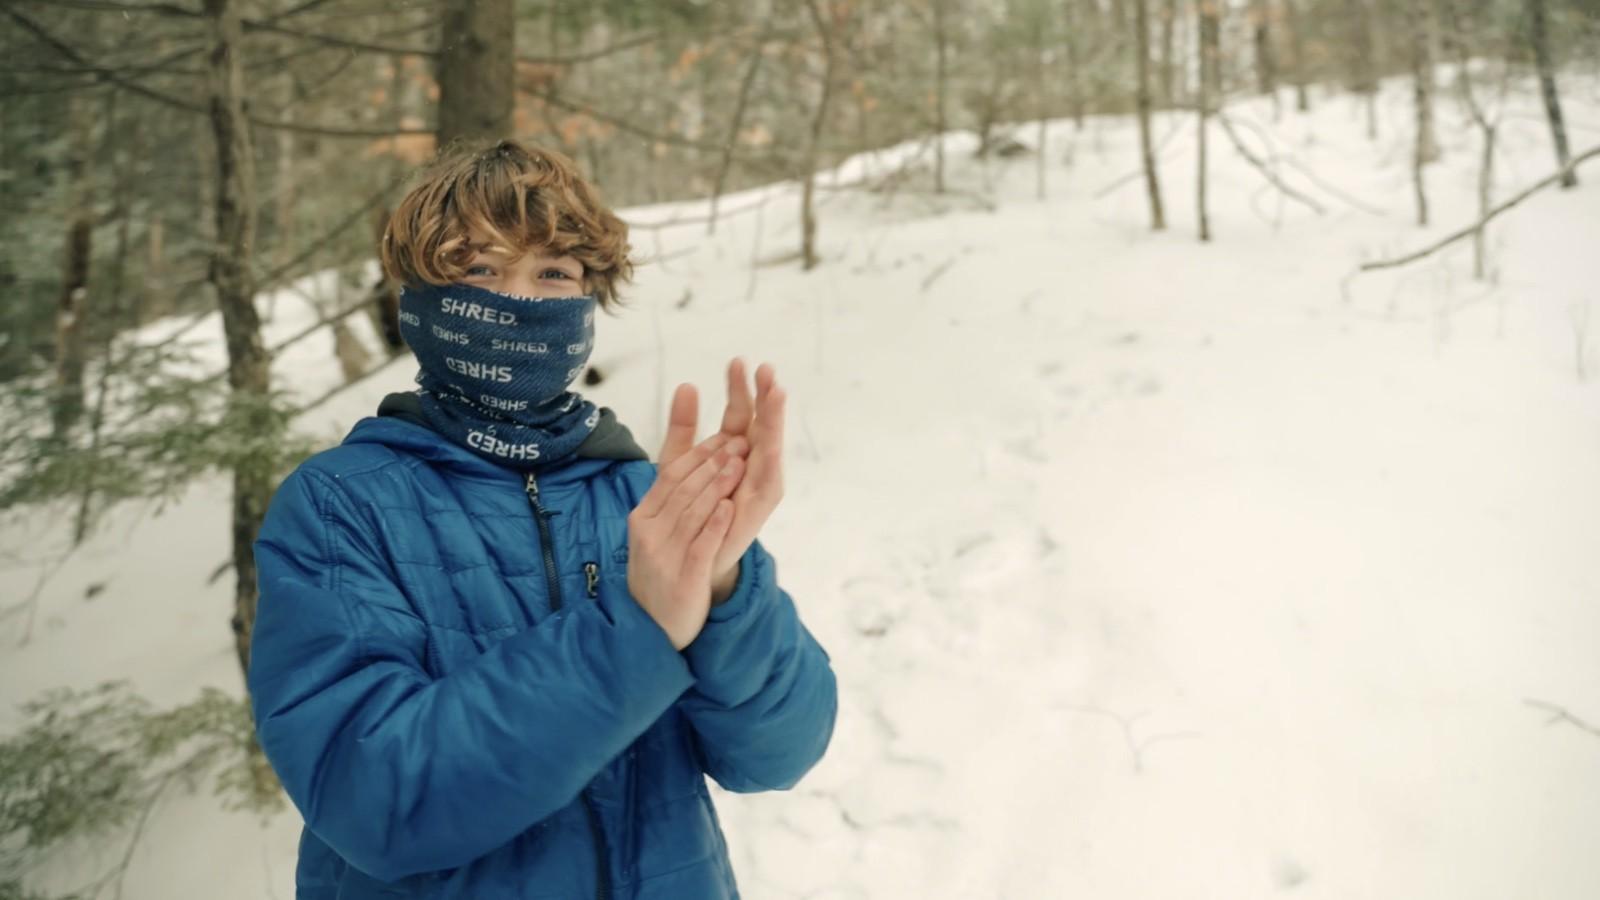 WinterKids Winter Games 2021 Video Screenshots15